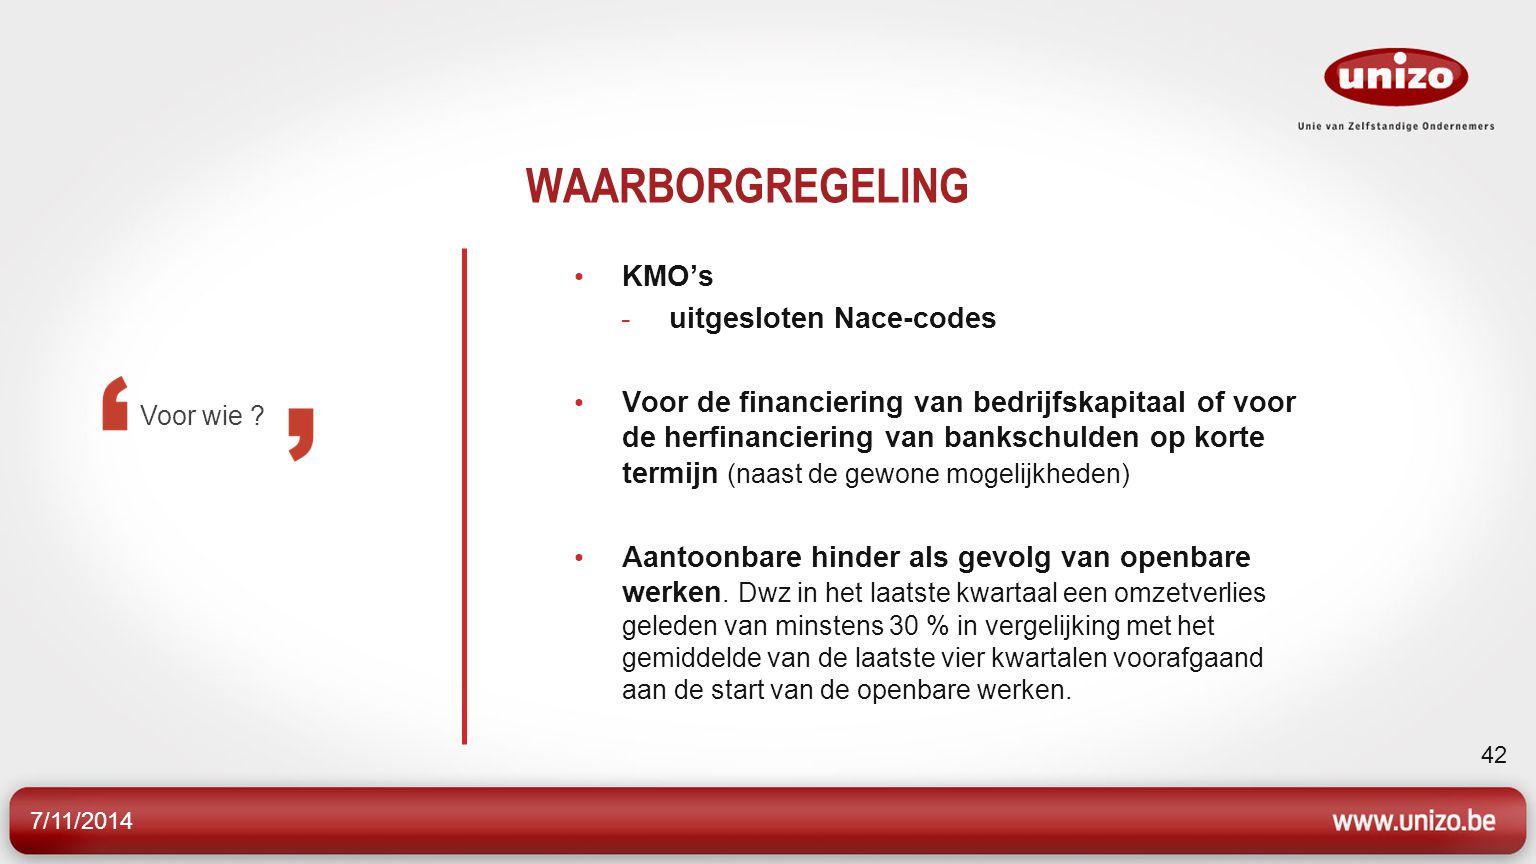 WAARBORGREGELING KMO's uitgesloten Nace-codes